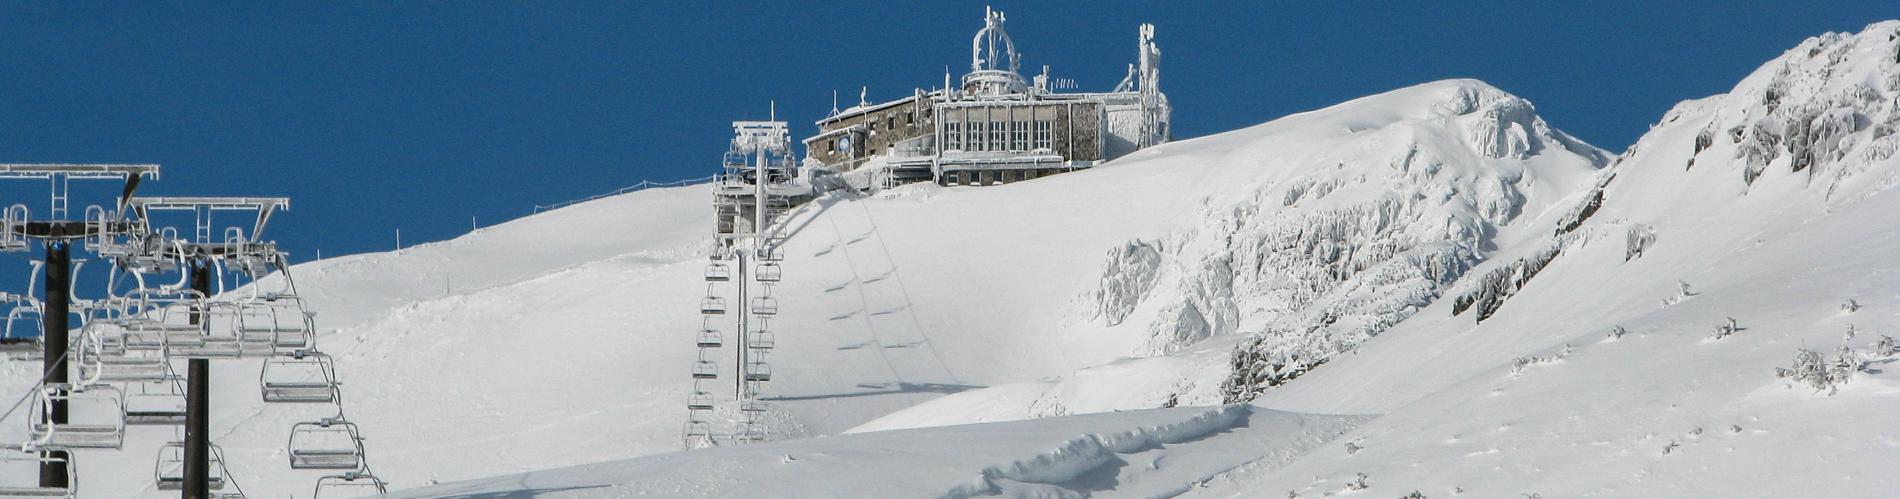 Kasprowy narty zima